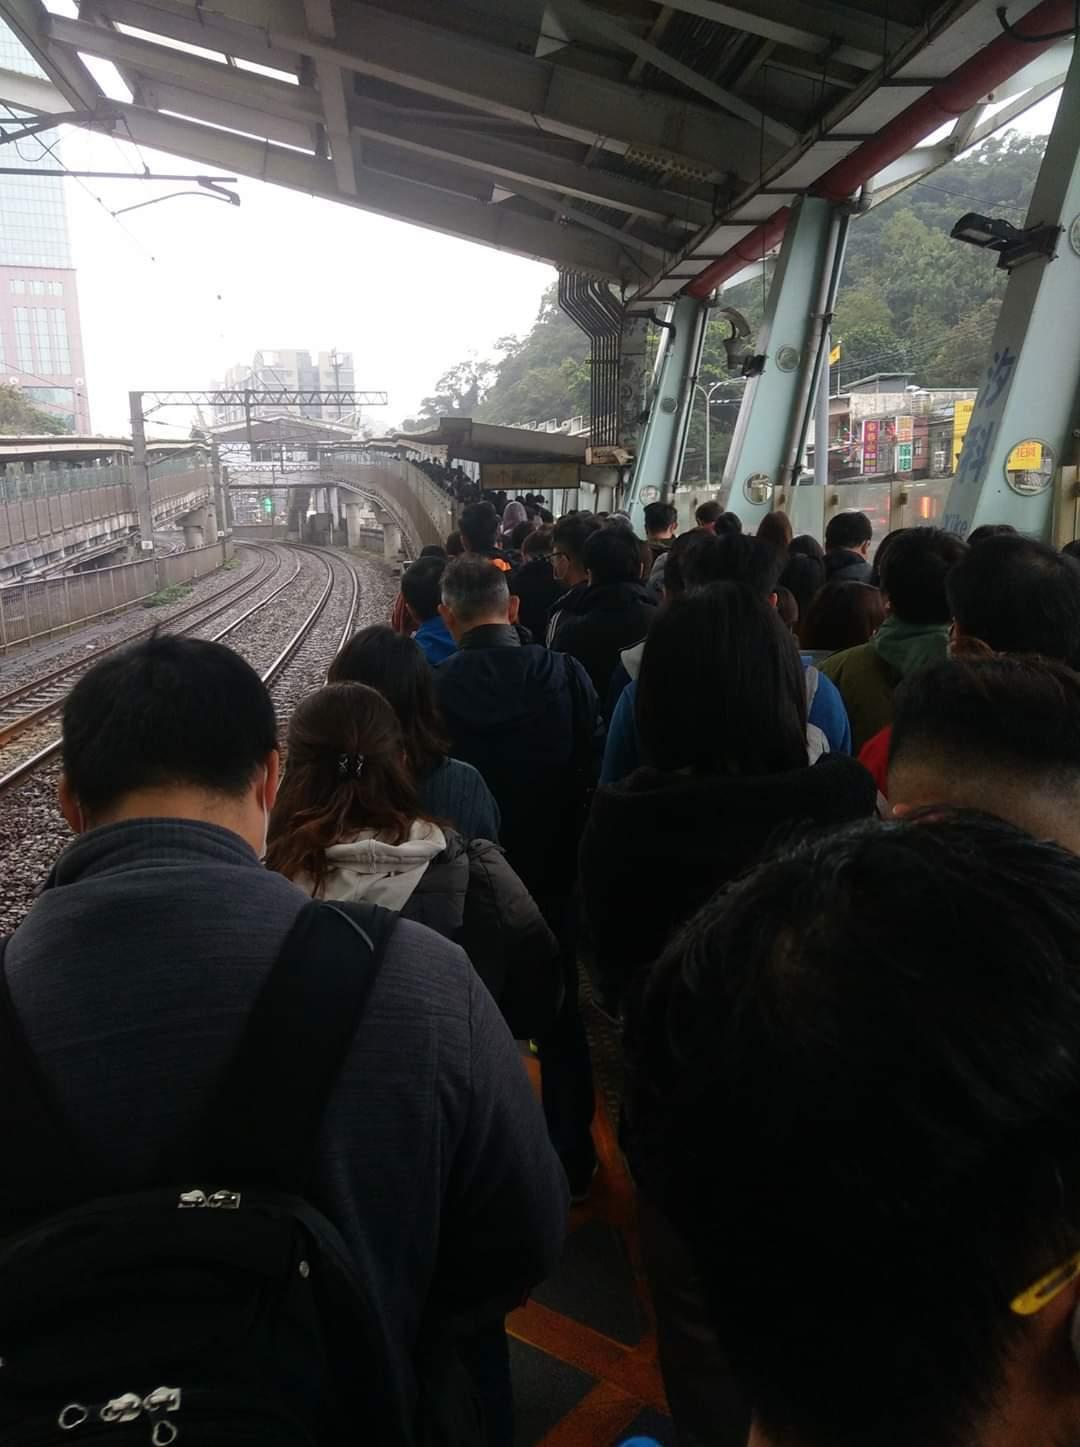 台鐵誤點,月台上塞滿趕著上班的民眾。圖/擷取自FB「汐止集團」